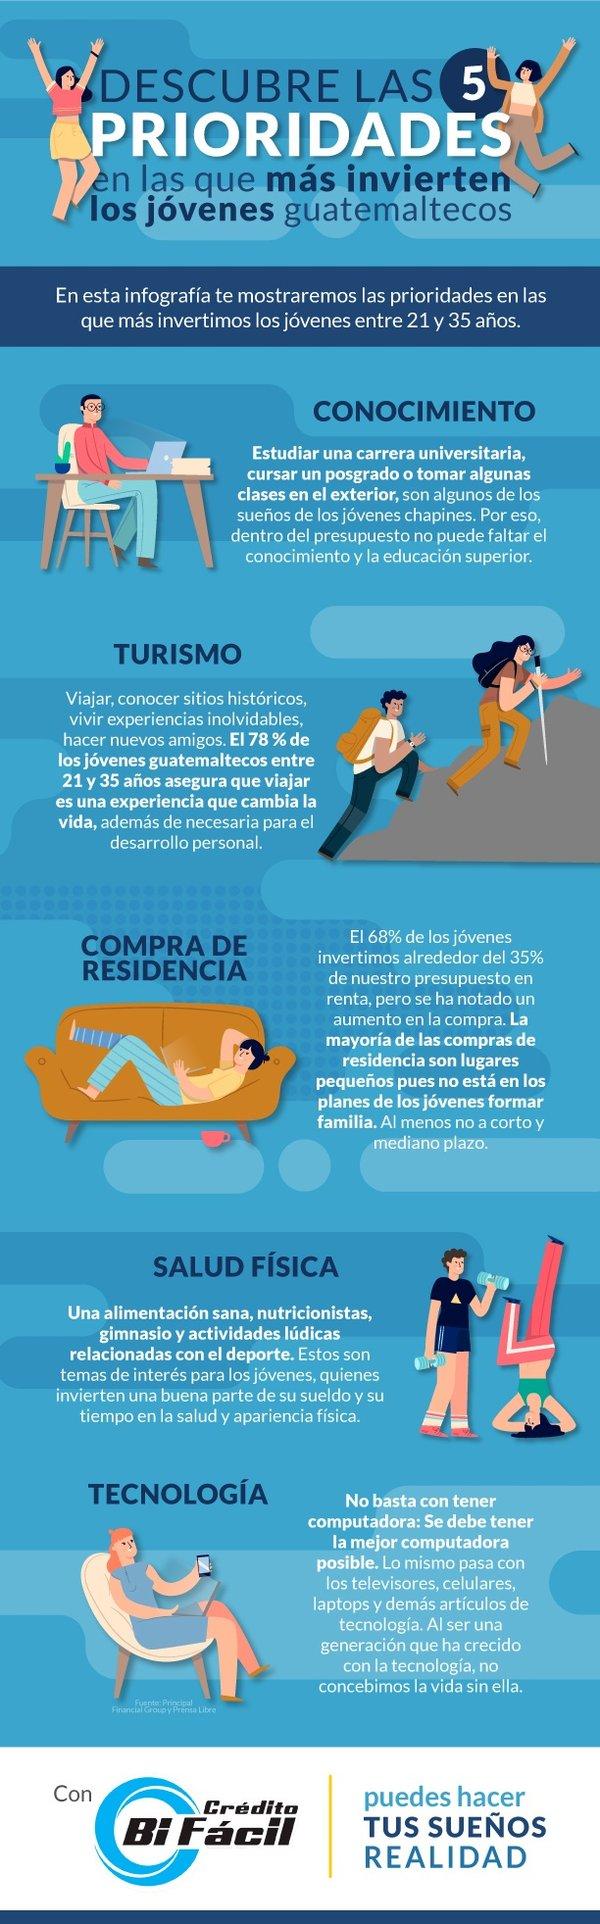 Infografía Descubre las 5 prioridades en las que más invierten los jóvenes guatemaltecos